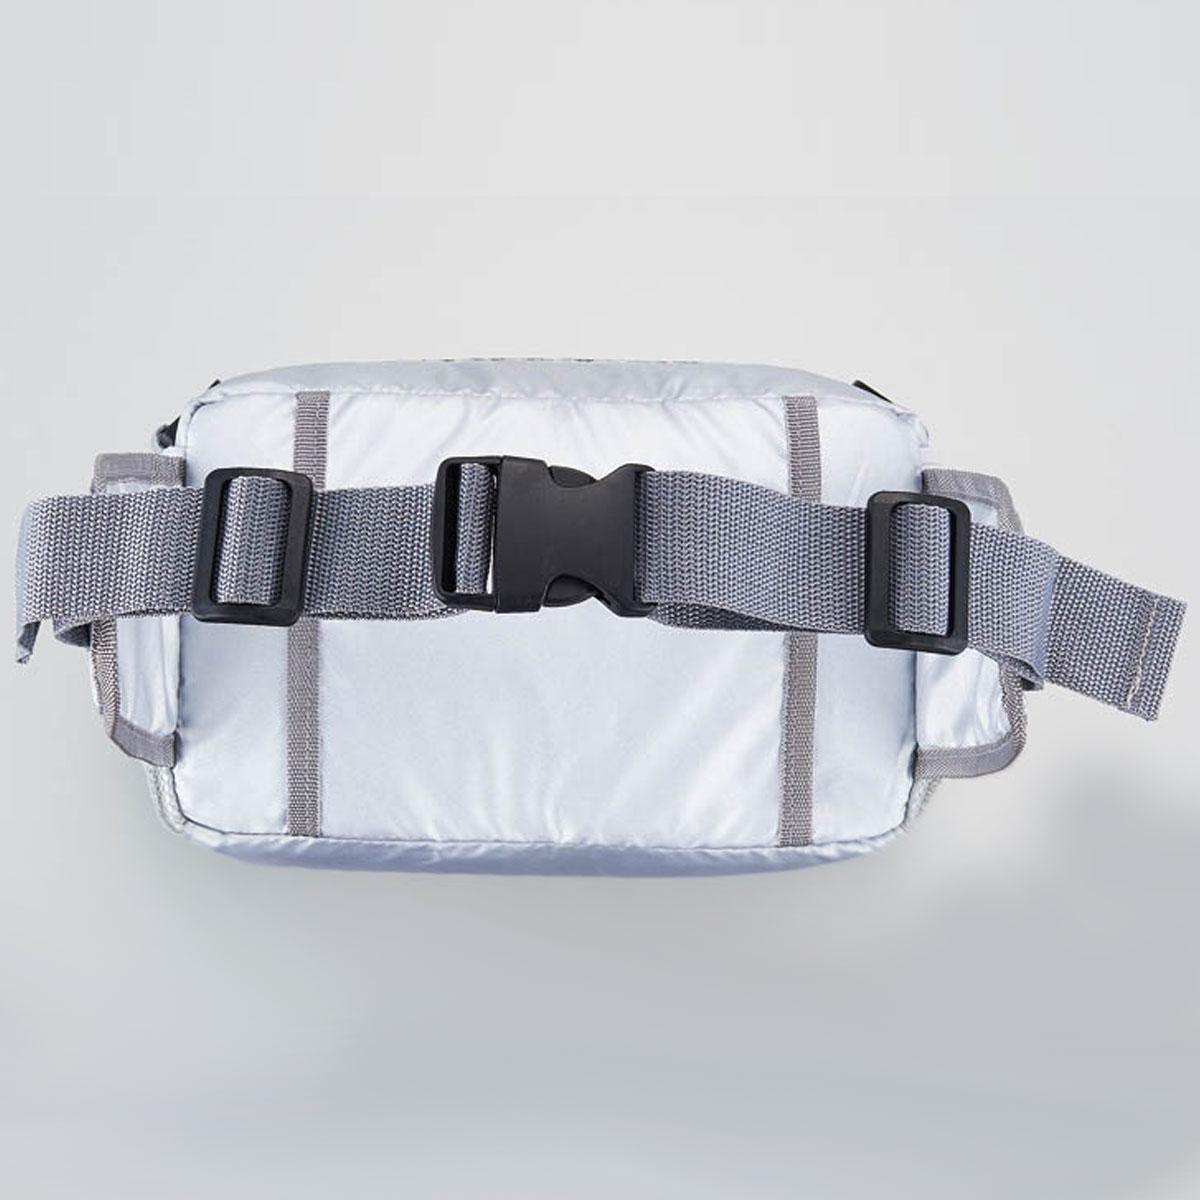 ショルダー&ウェストバッグ型 避難10点セット